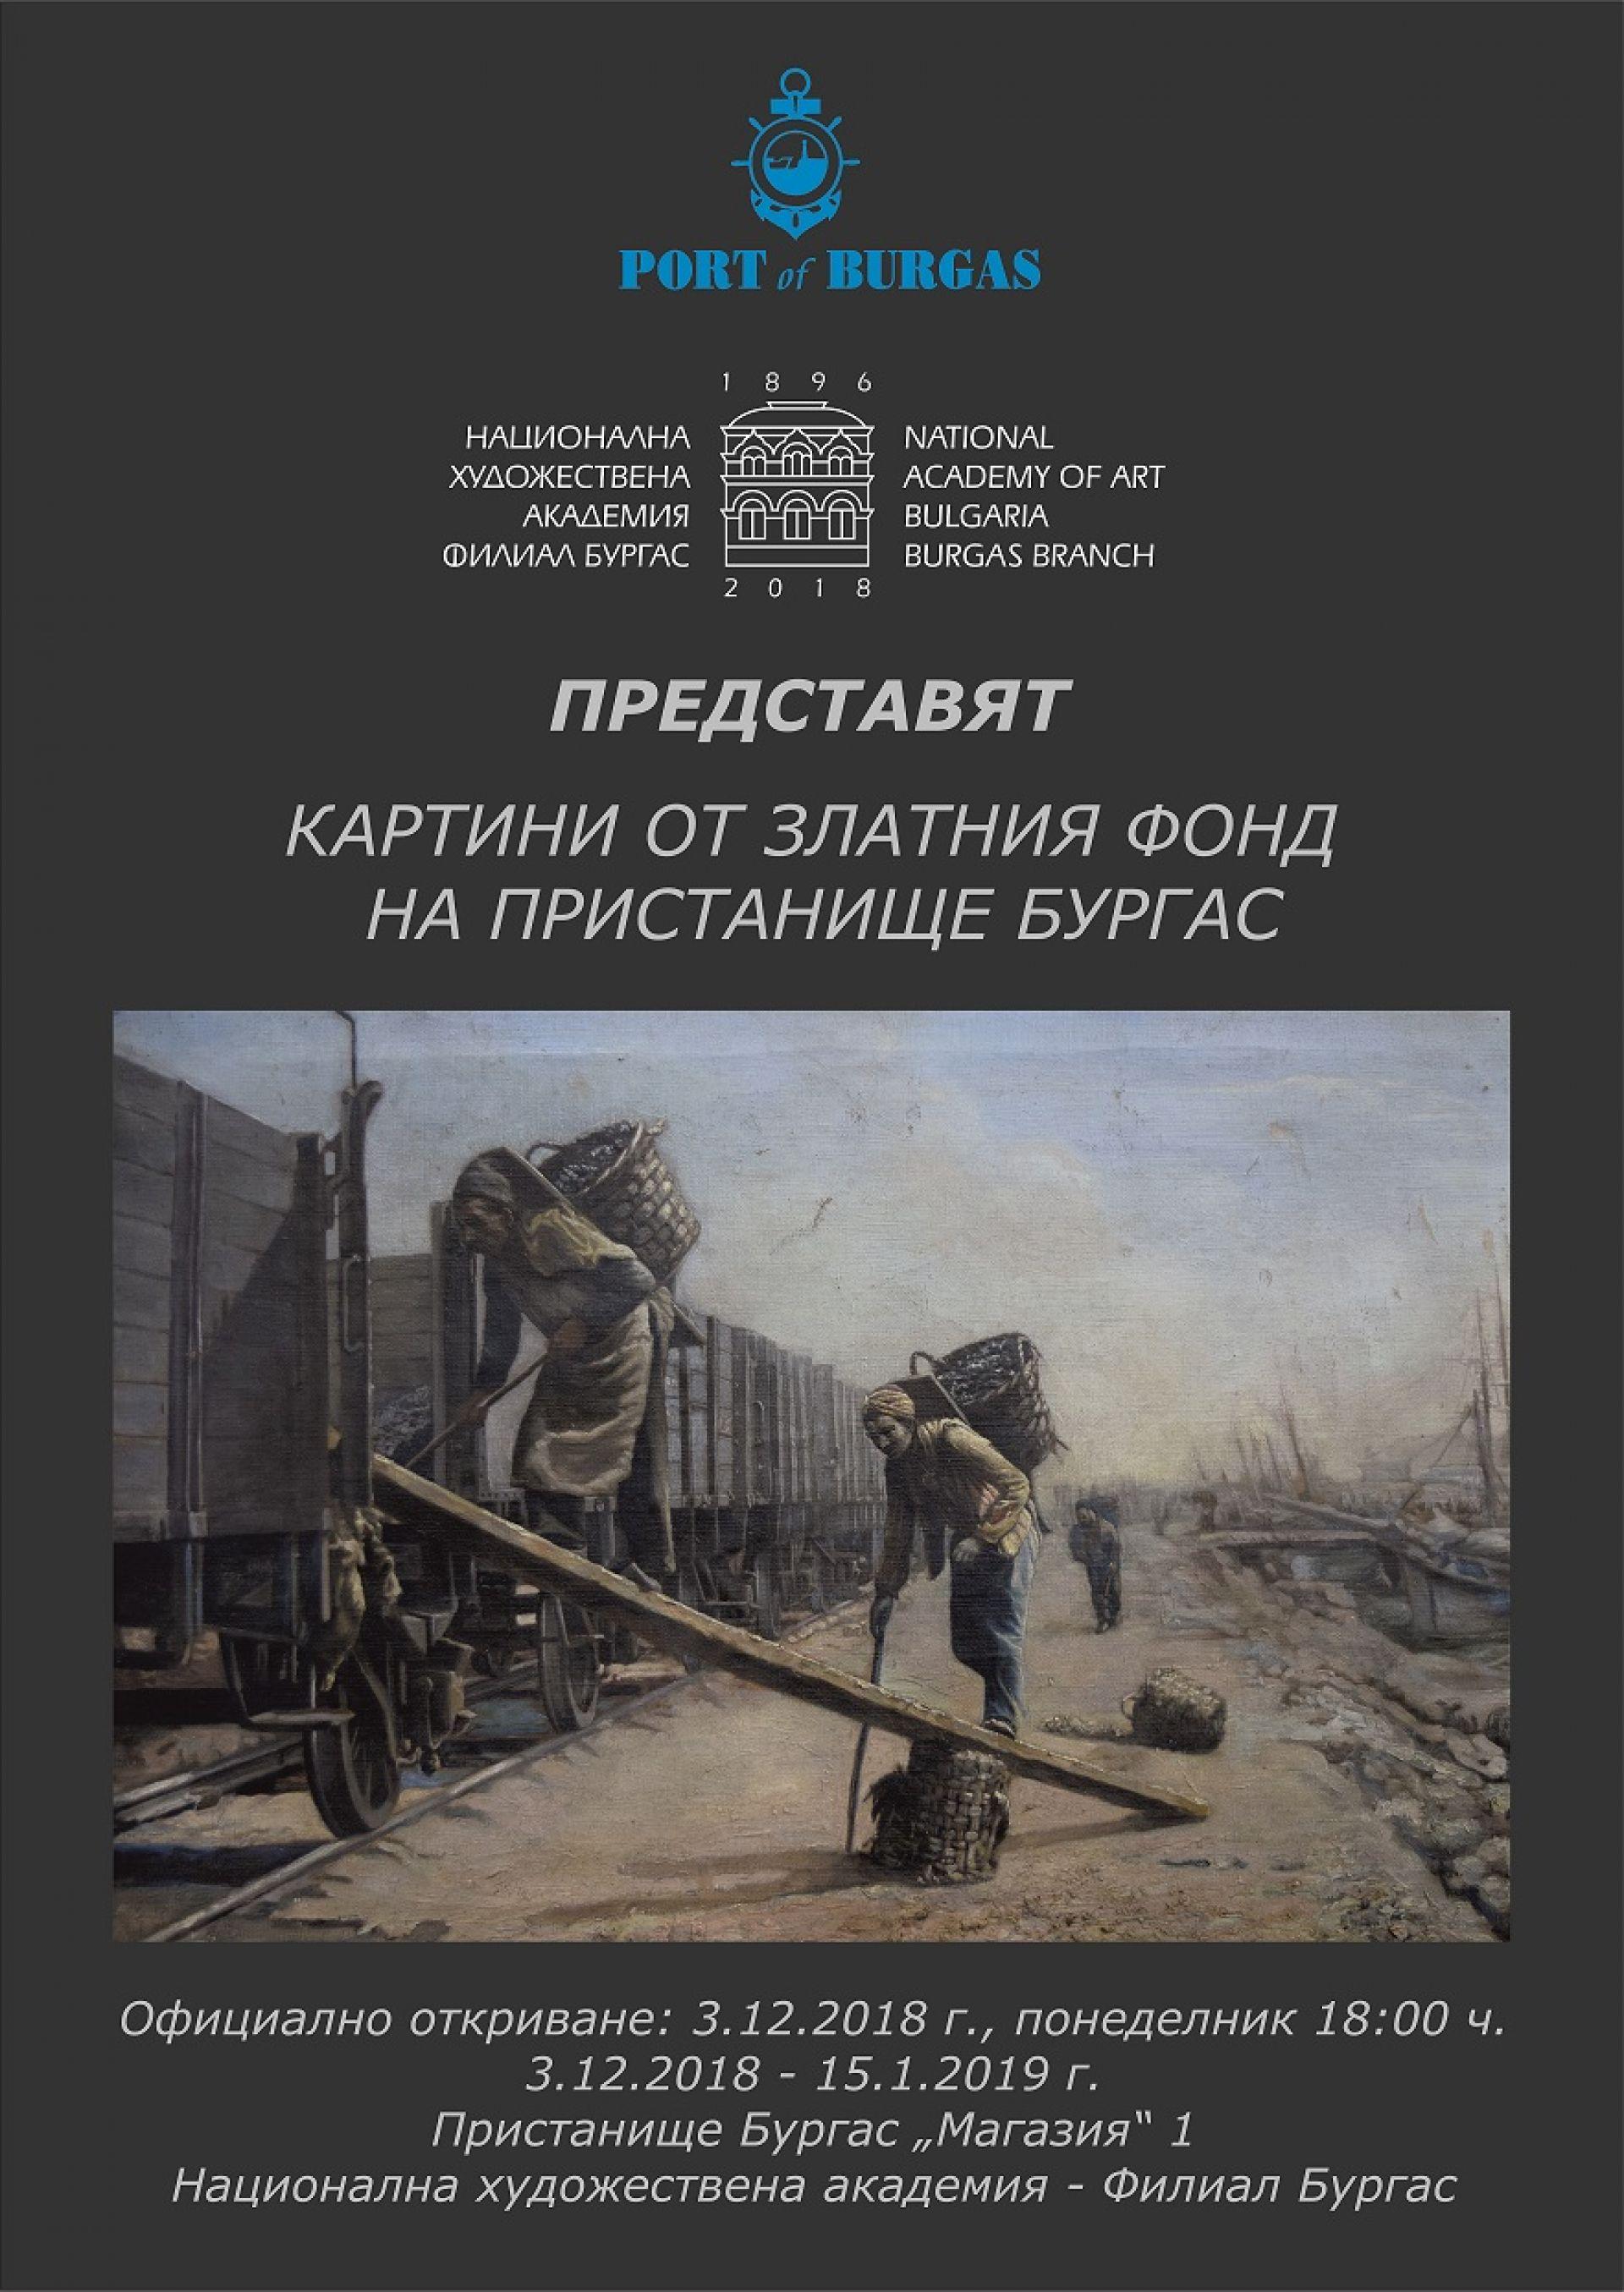 Исторически моменти от бургаското пристанище оживяват в изложба